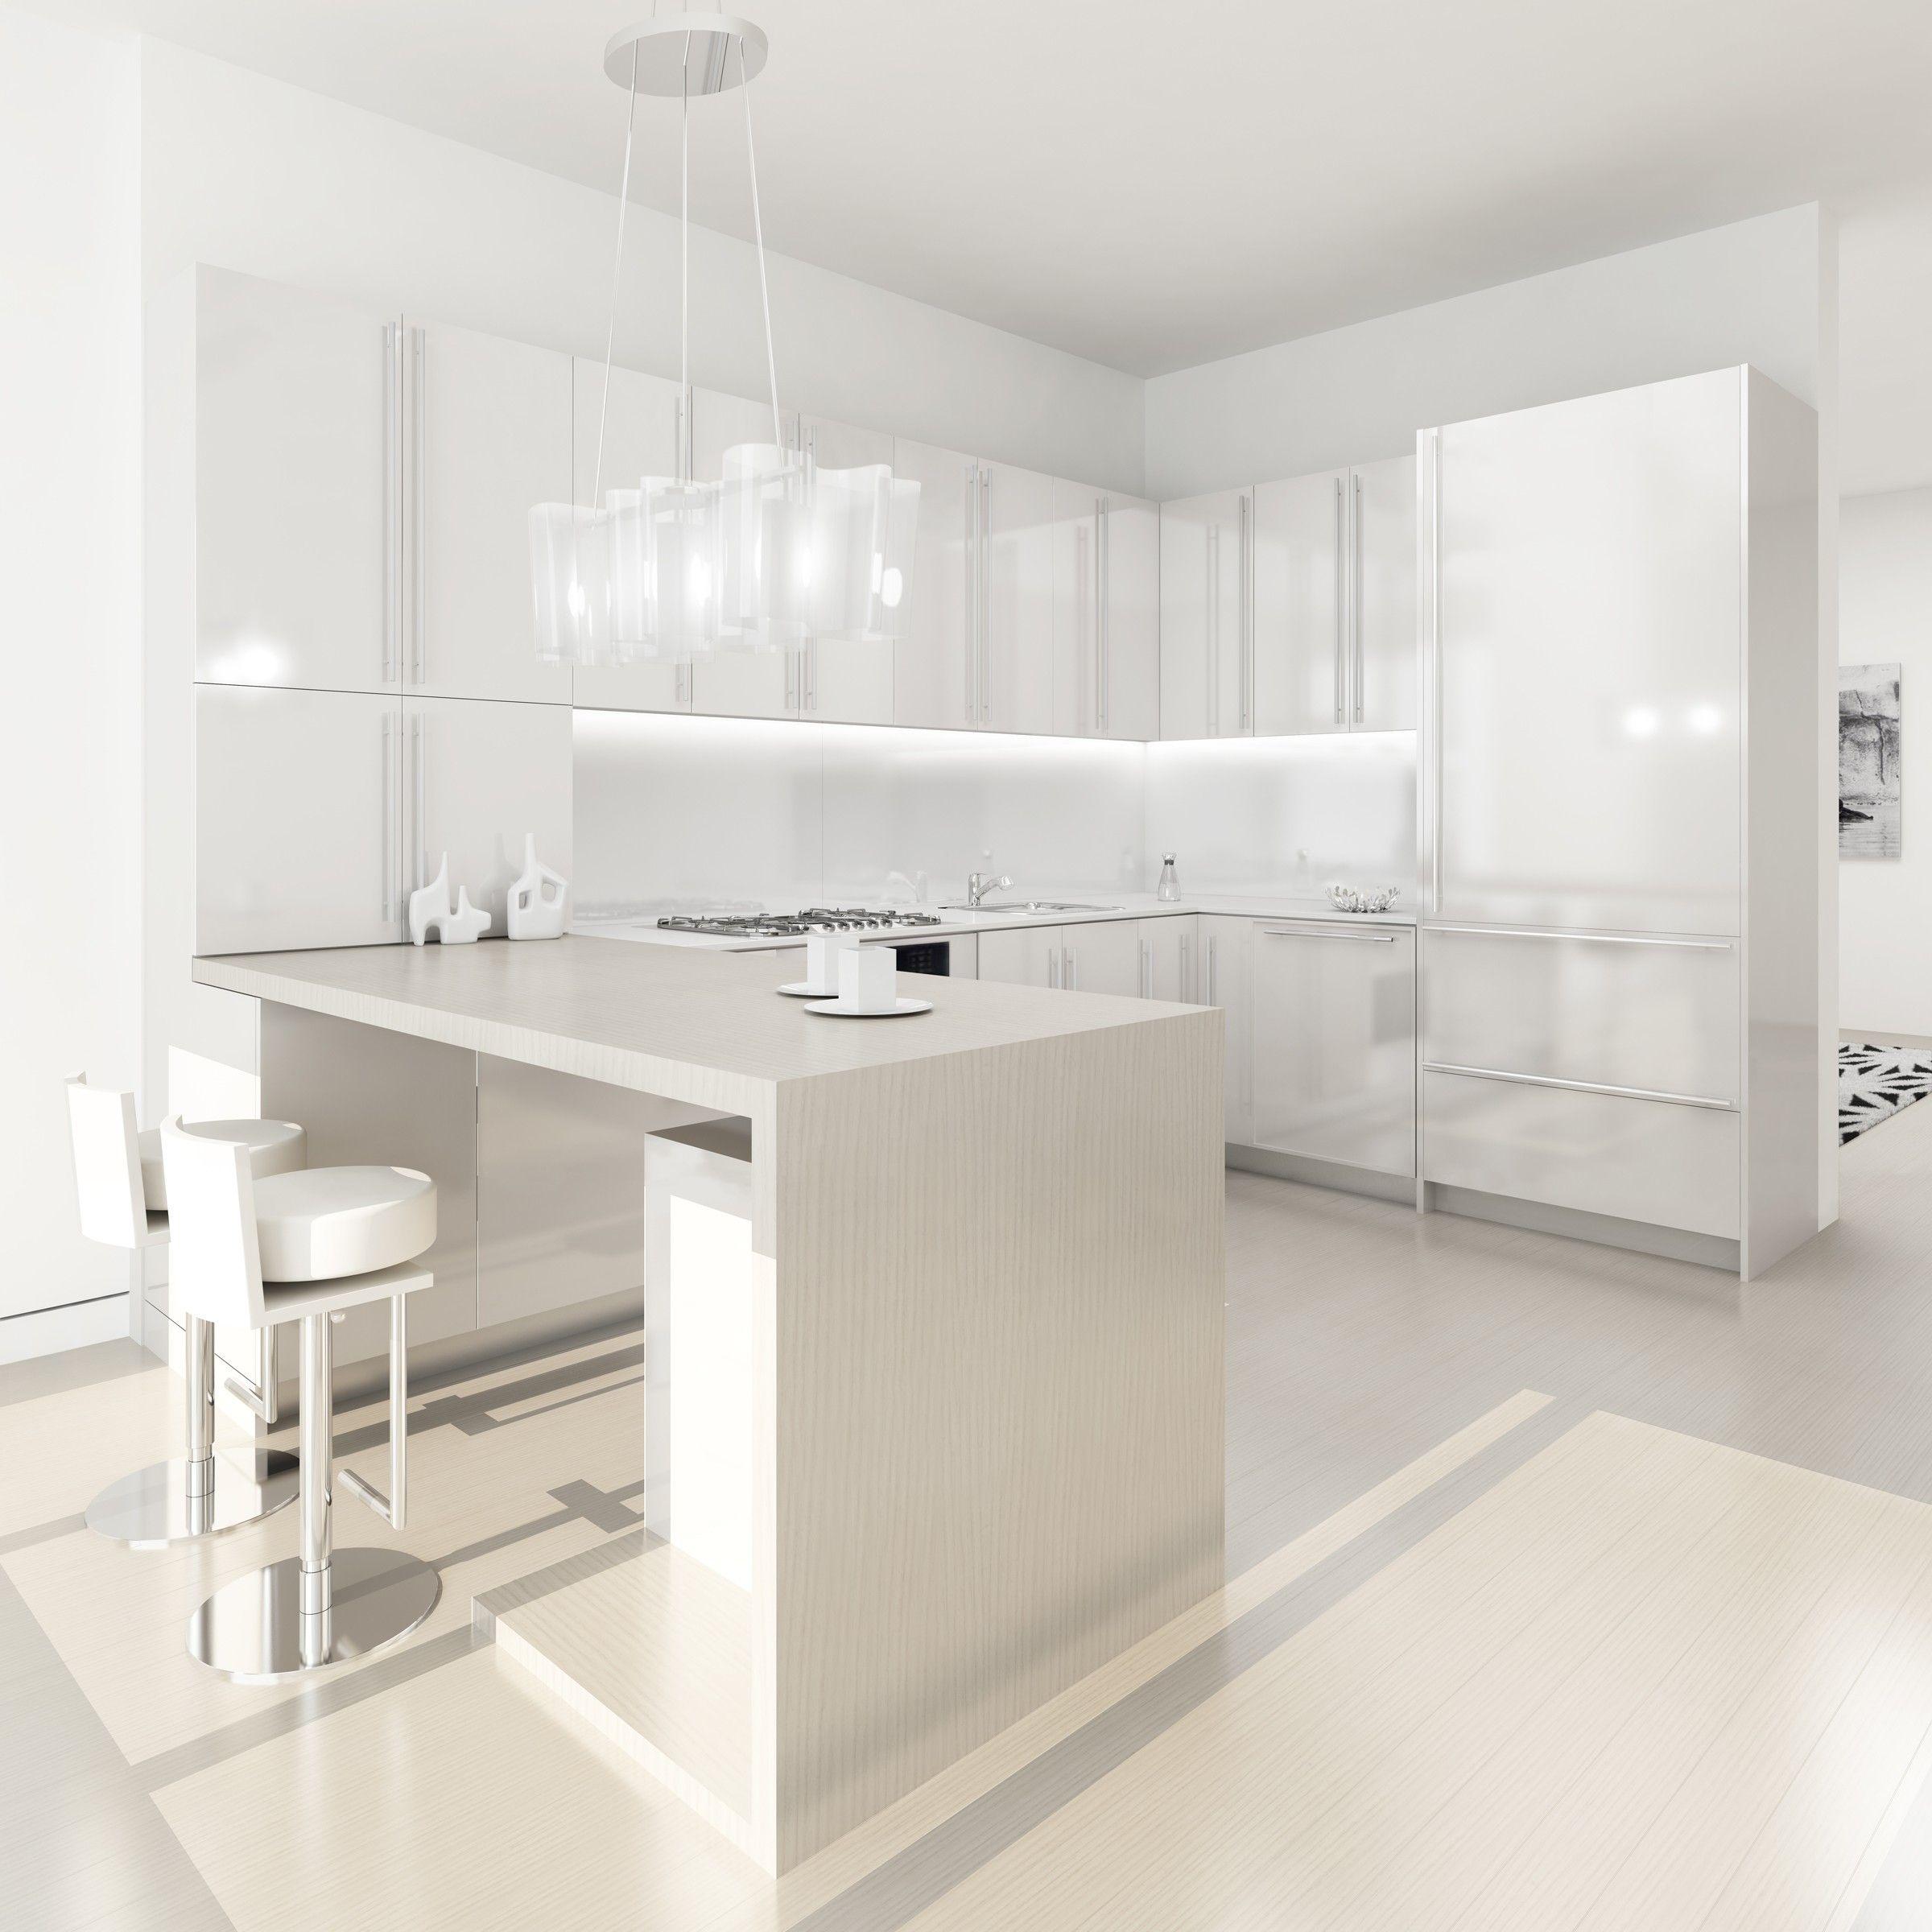 Ideen für küchenideen trendige küche counter hocker ideen  küche innenräume  pinterest